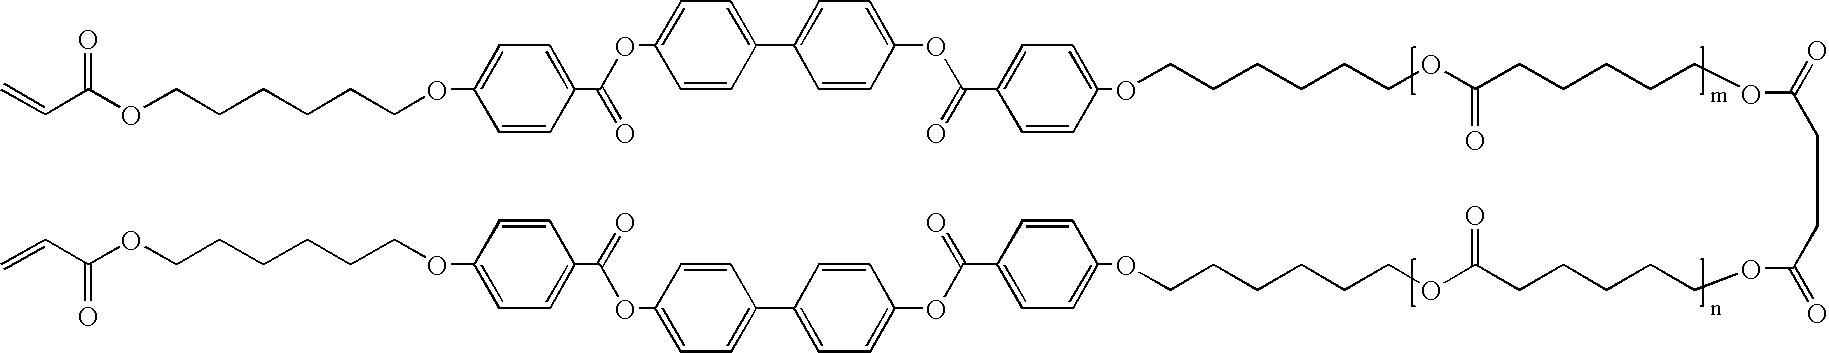 Figure US20100014010A1-20100121-C00090